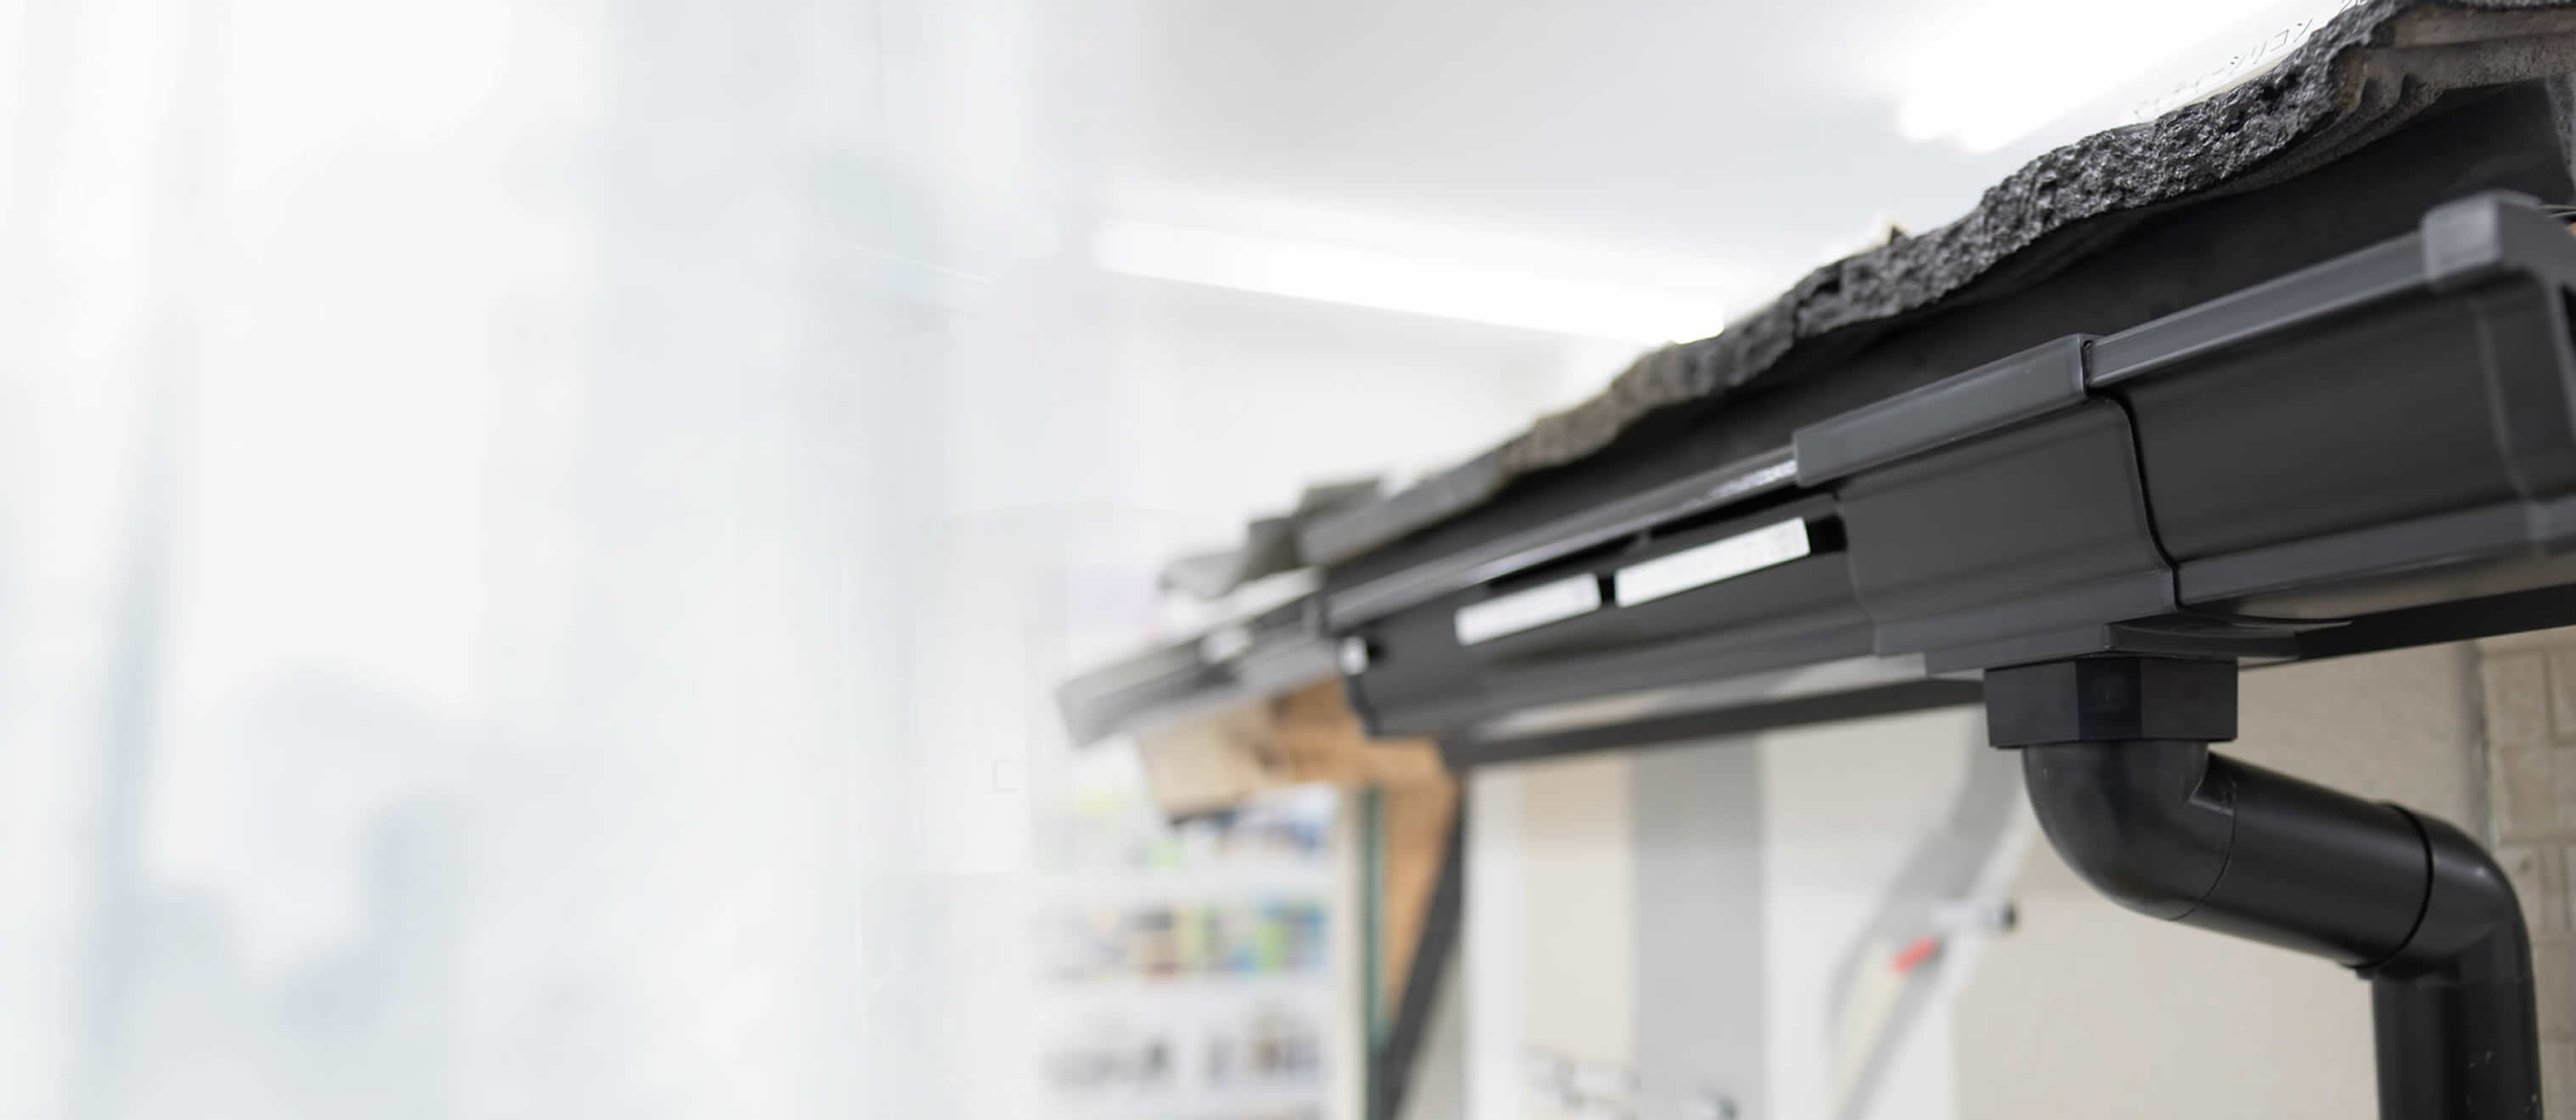 気になる雨漏りの原因を突き止めます!雨漏り診断 和歌山を中心にお家を長持ちさせる安心と信頼の企業エースペイント 施工品質の良さと適正な見積価格 高品質塗装工事